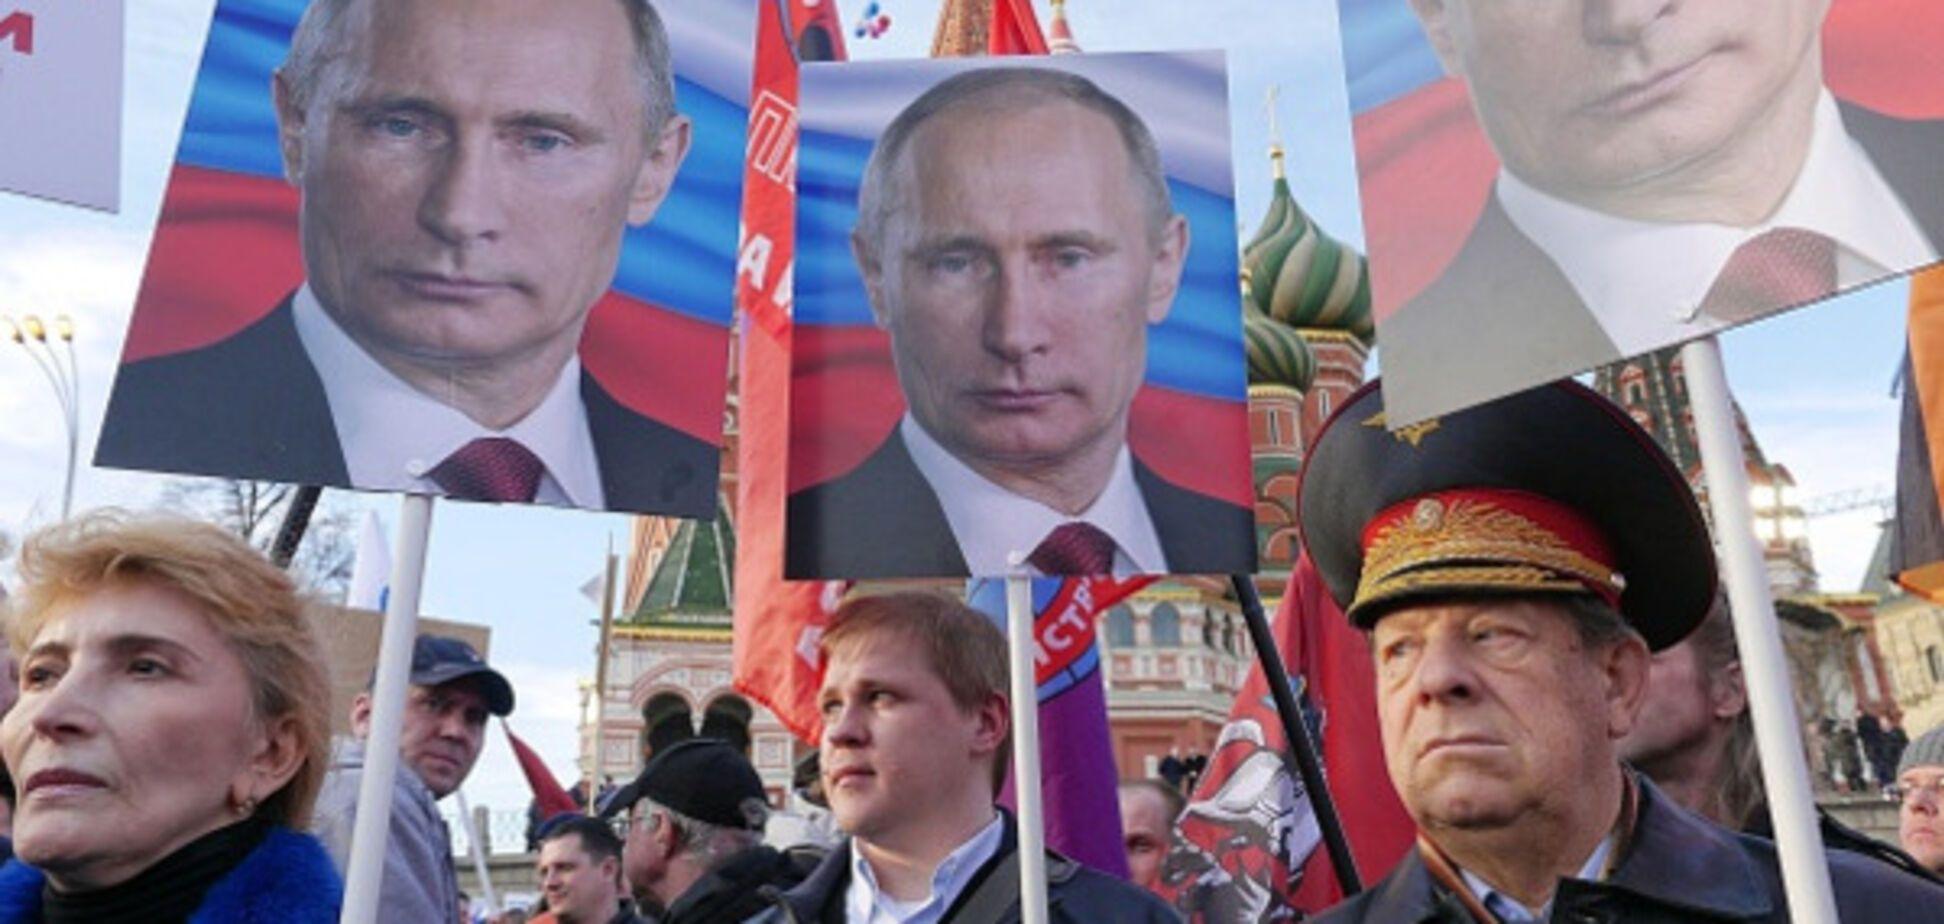 Кроме царя никто не нужен: 'банкир Кремля' объяснил логику Путина